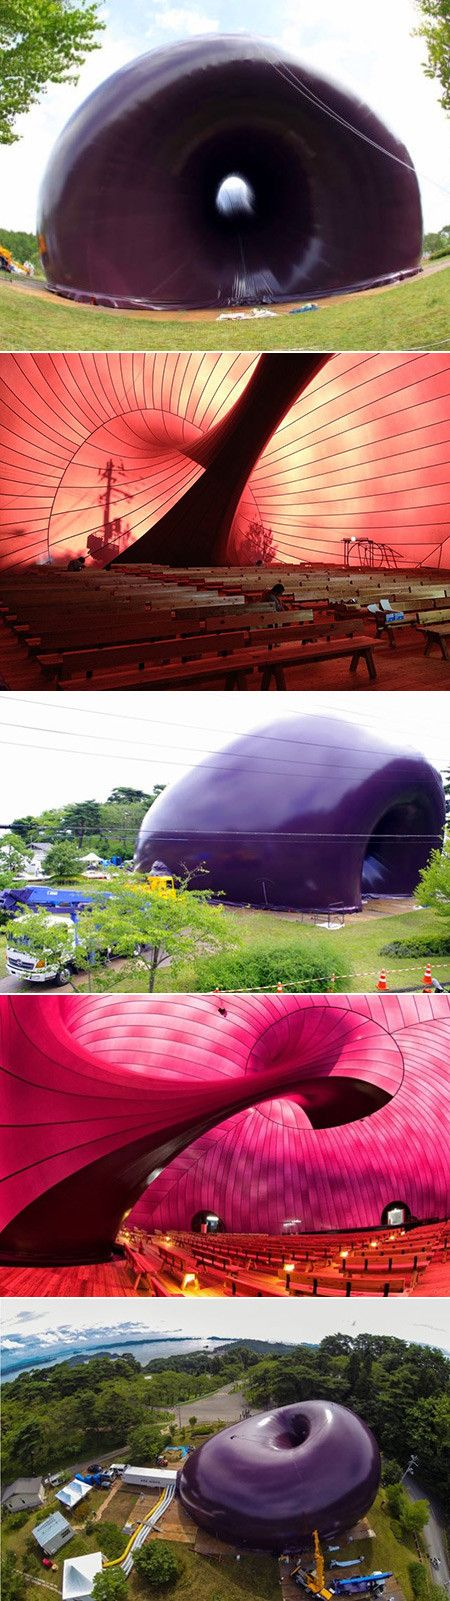 Pinterest the world s catalog of ideas for Ark nova concert hall